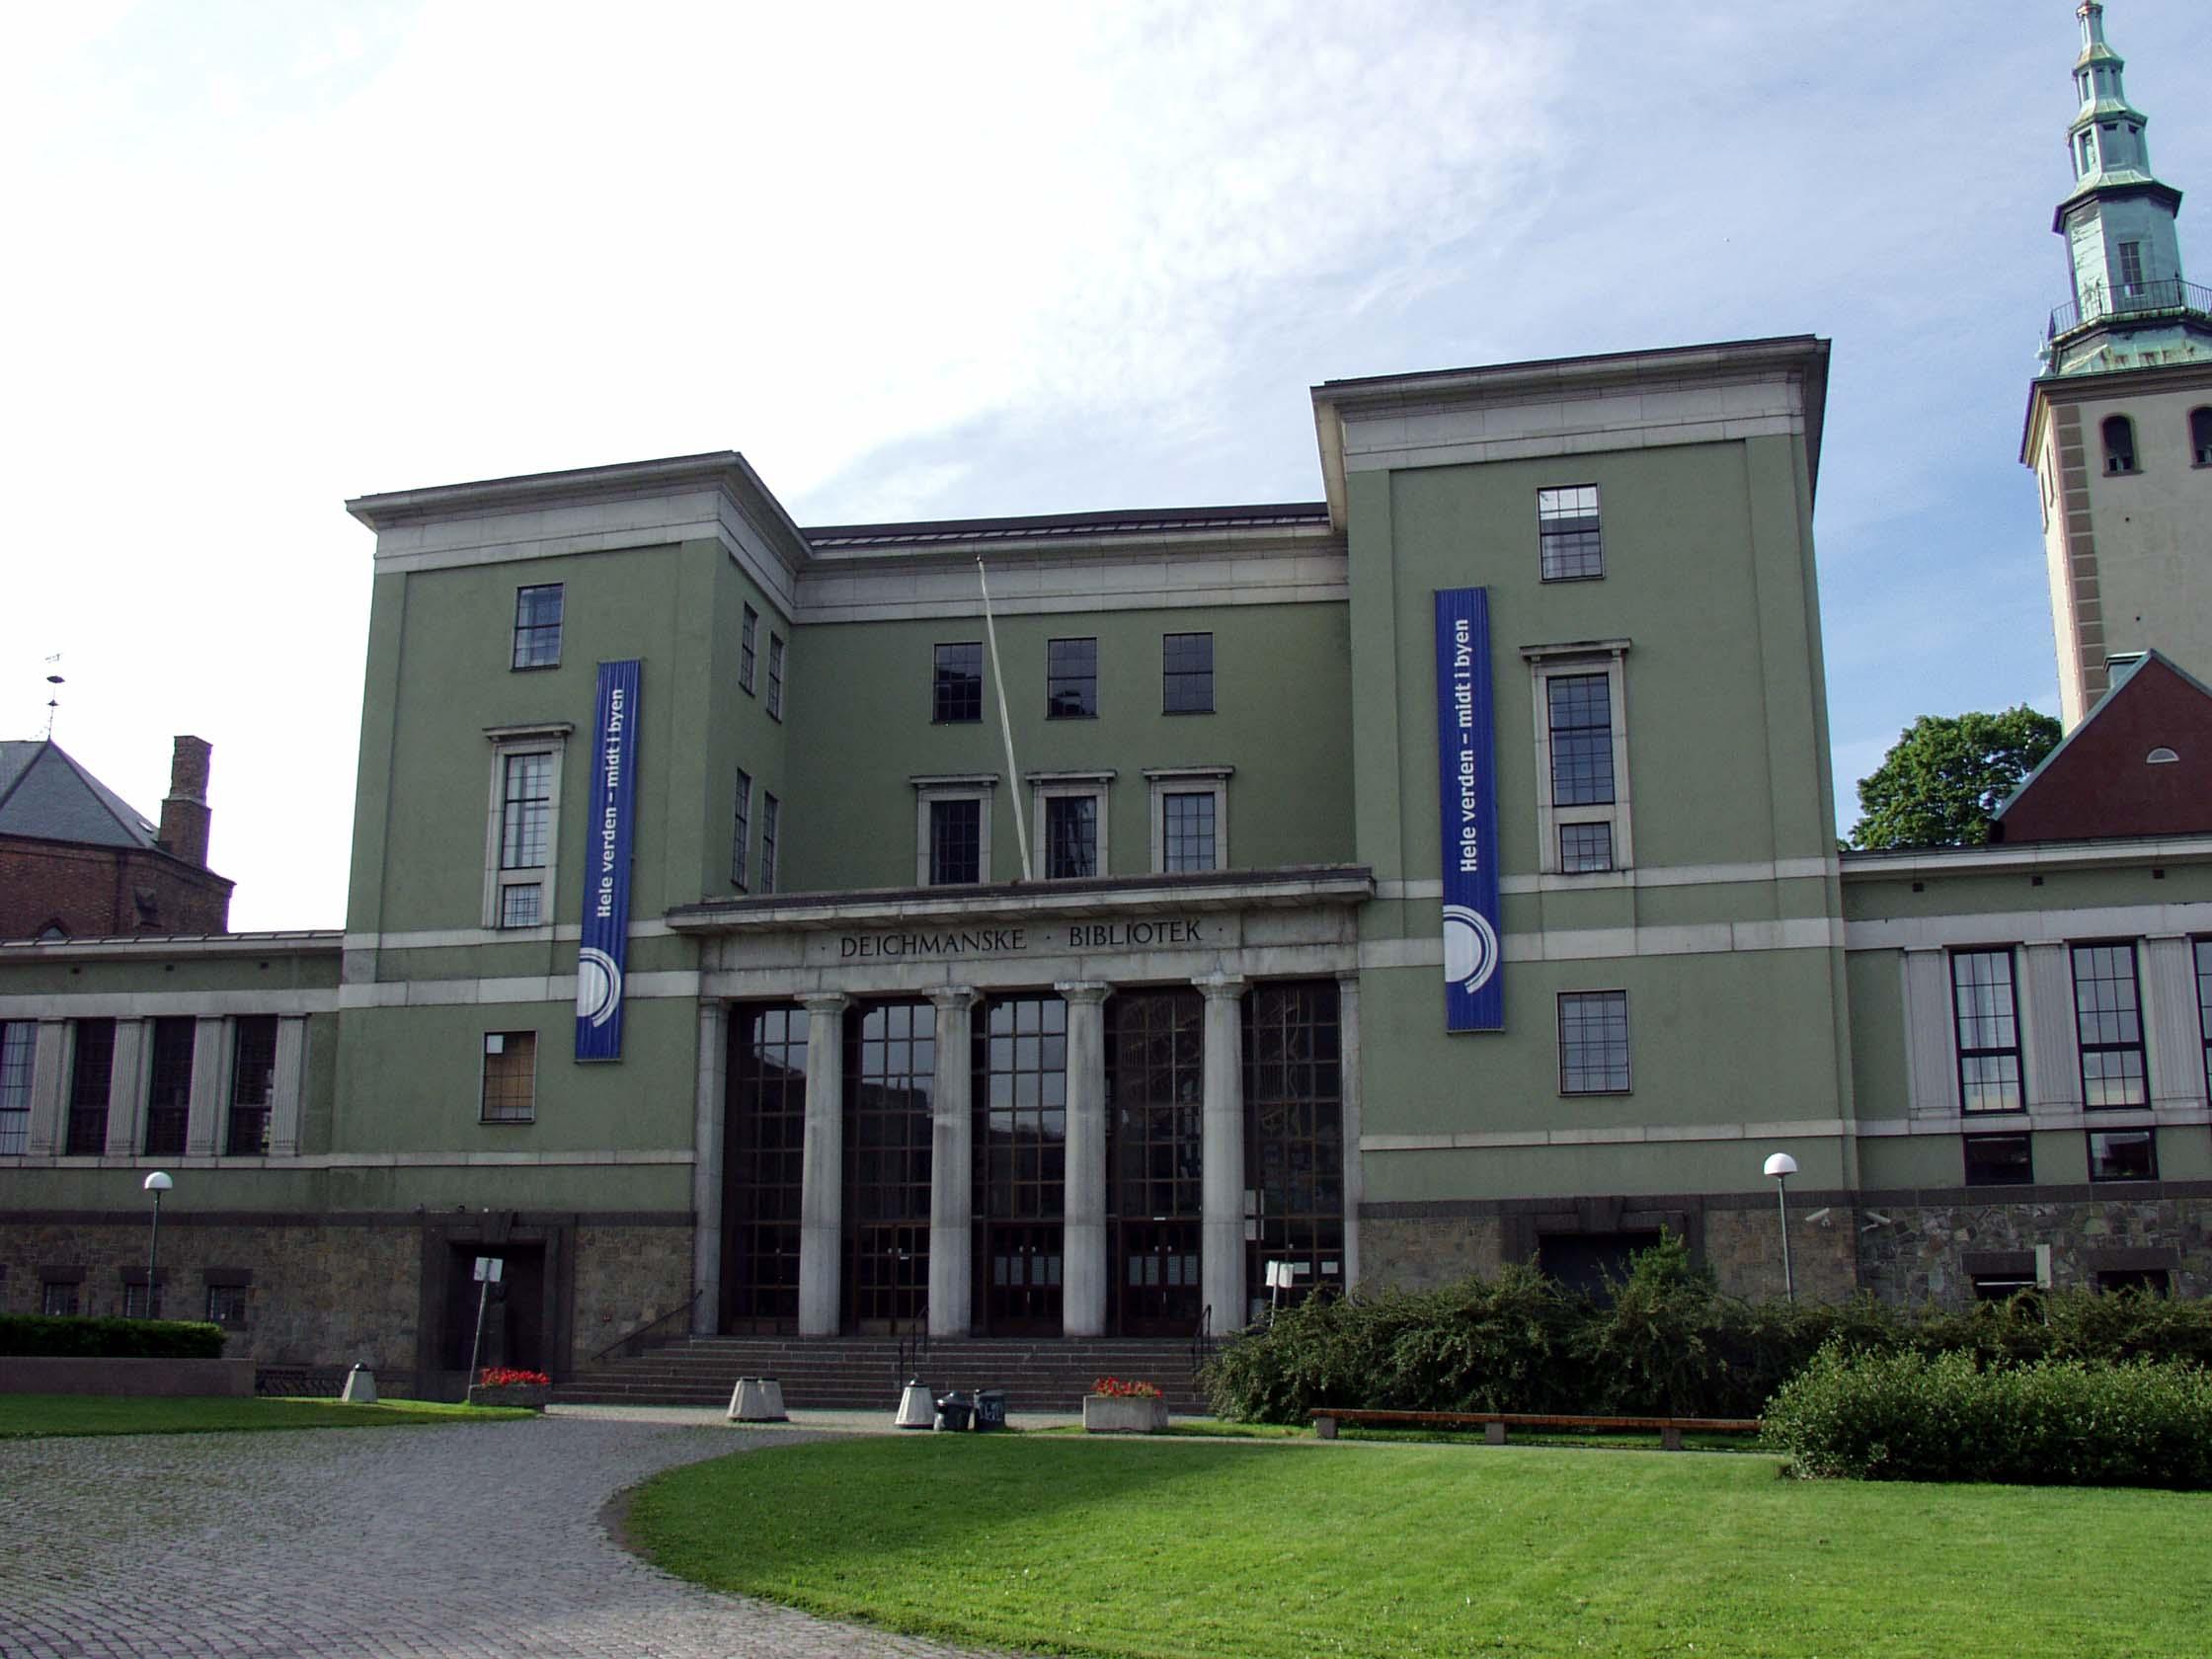 oslo massasje kirkeveien norsk chatterom